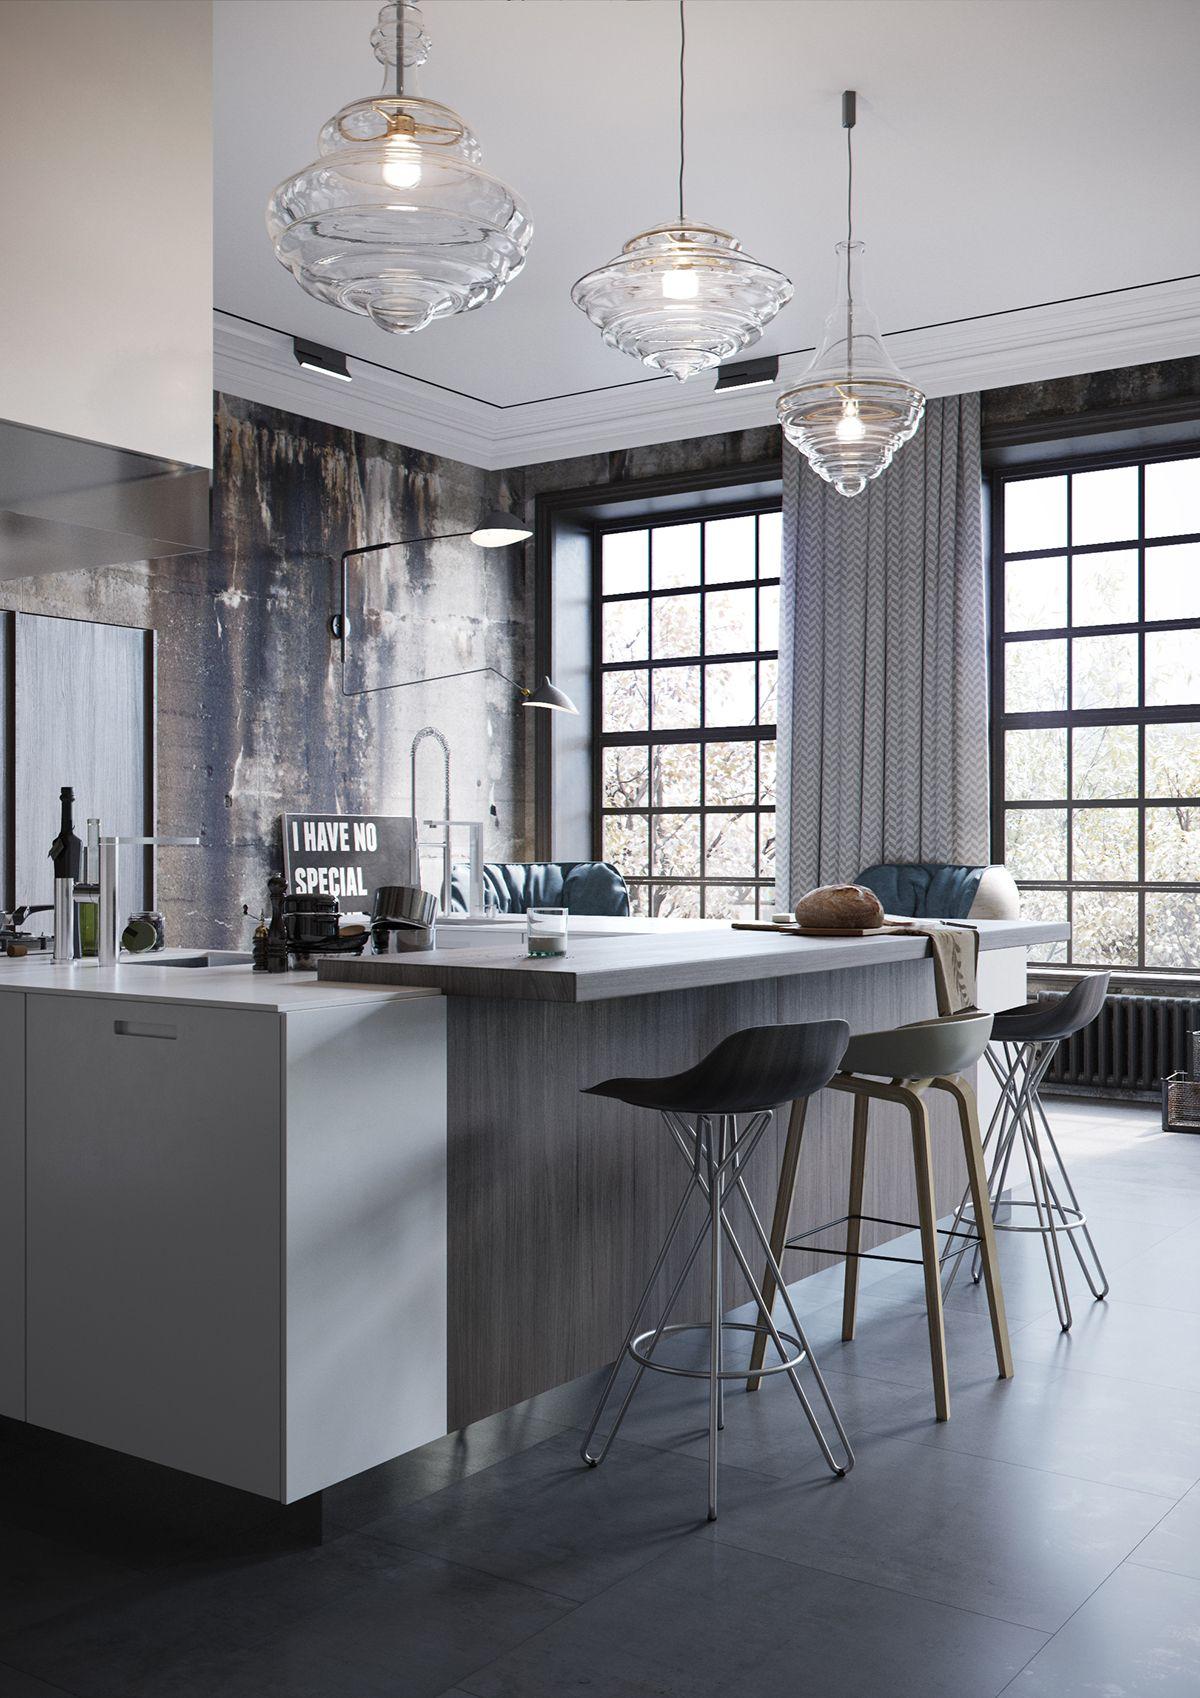 Les 25 meilleures id es de la cat gorie loft lyon sur for Appartement design lyon